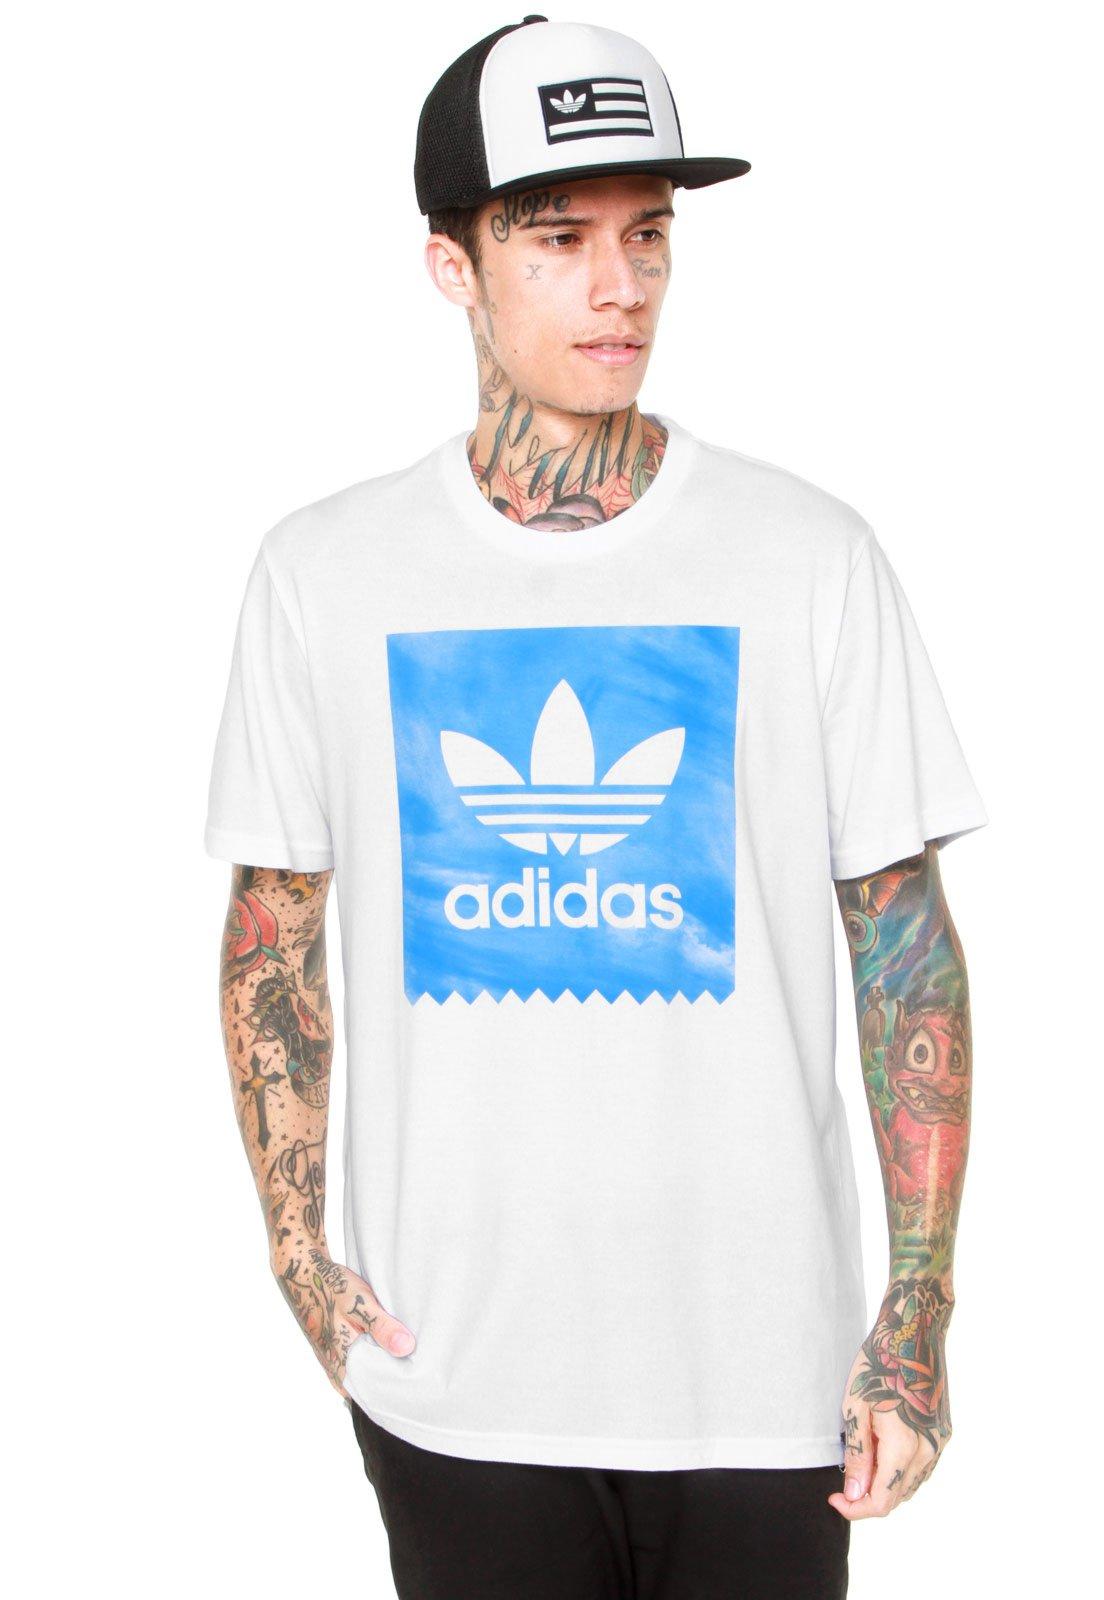 e9d0f9d97a Camiseta adidas Skateboarding Sky Dye Bb Branca - Compre Agora ...